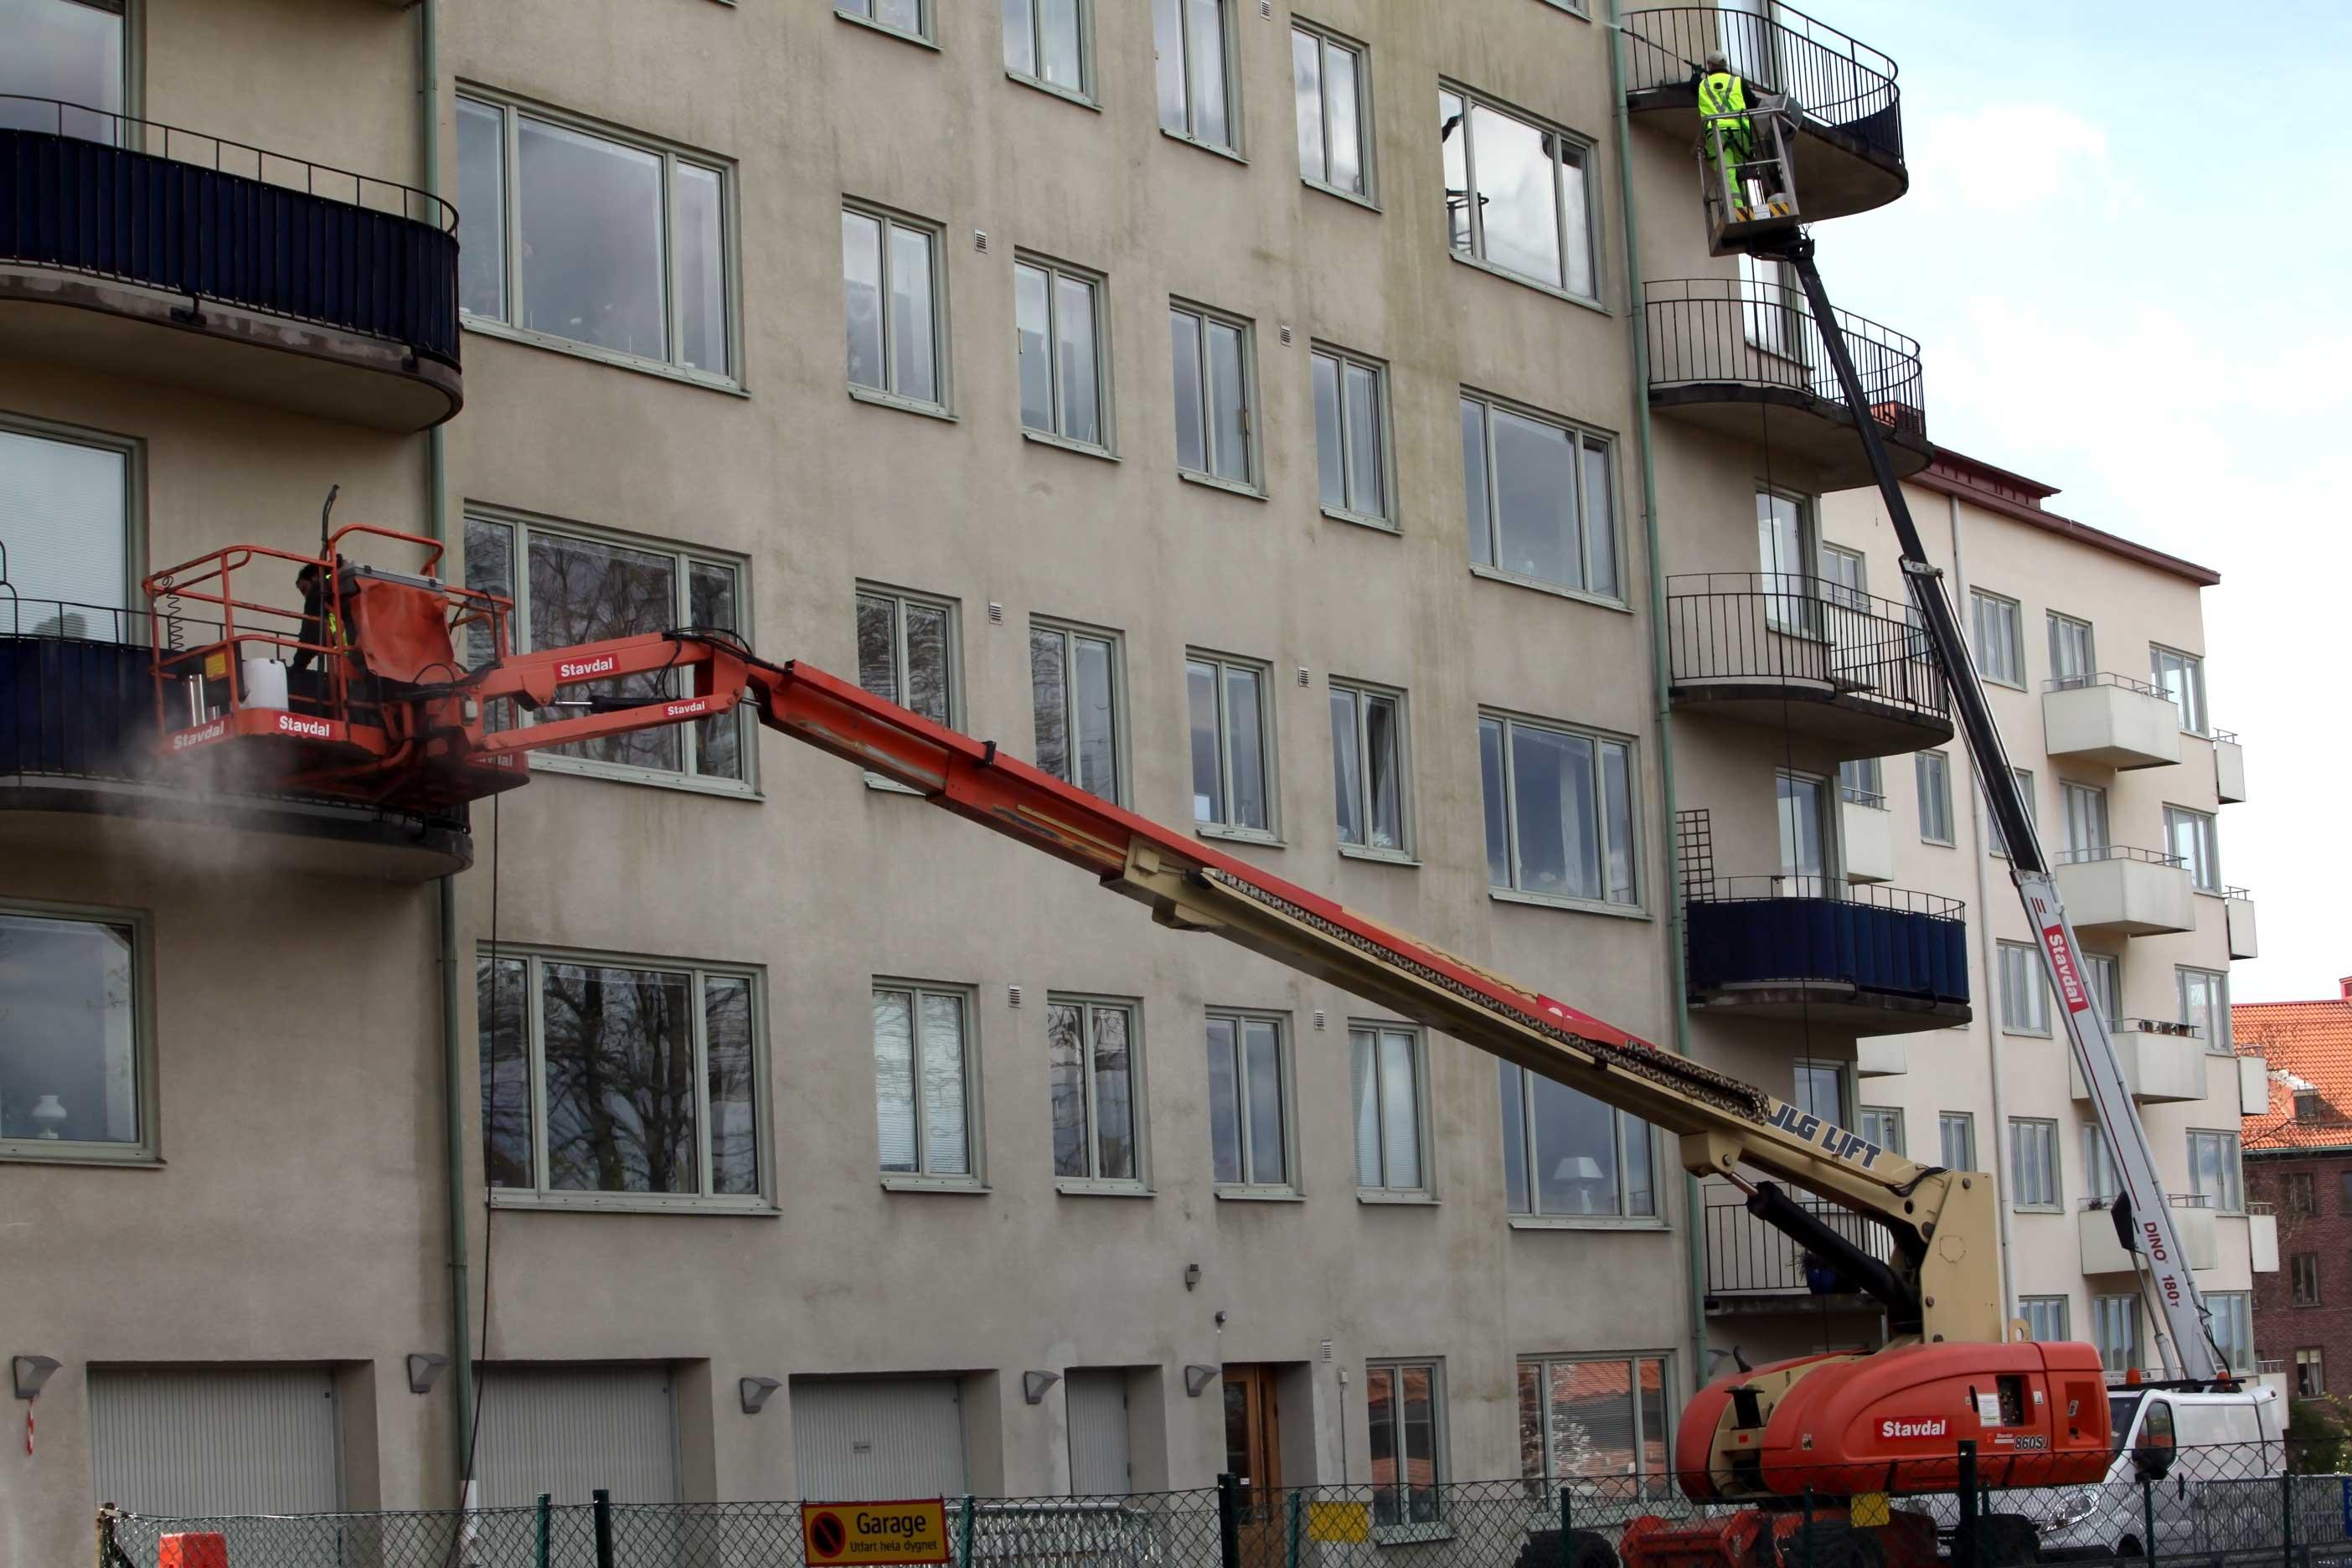 Glada boende får rena fasader och balkonger